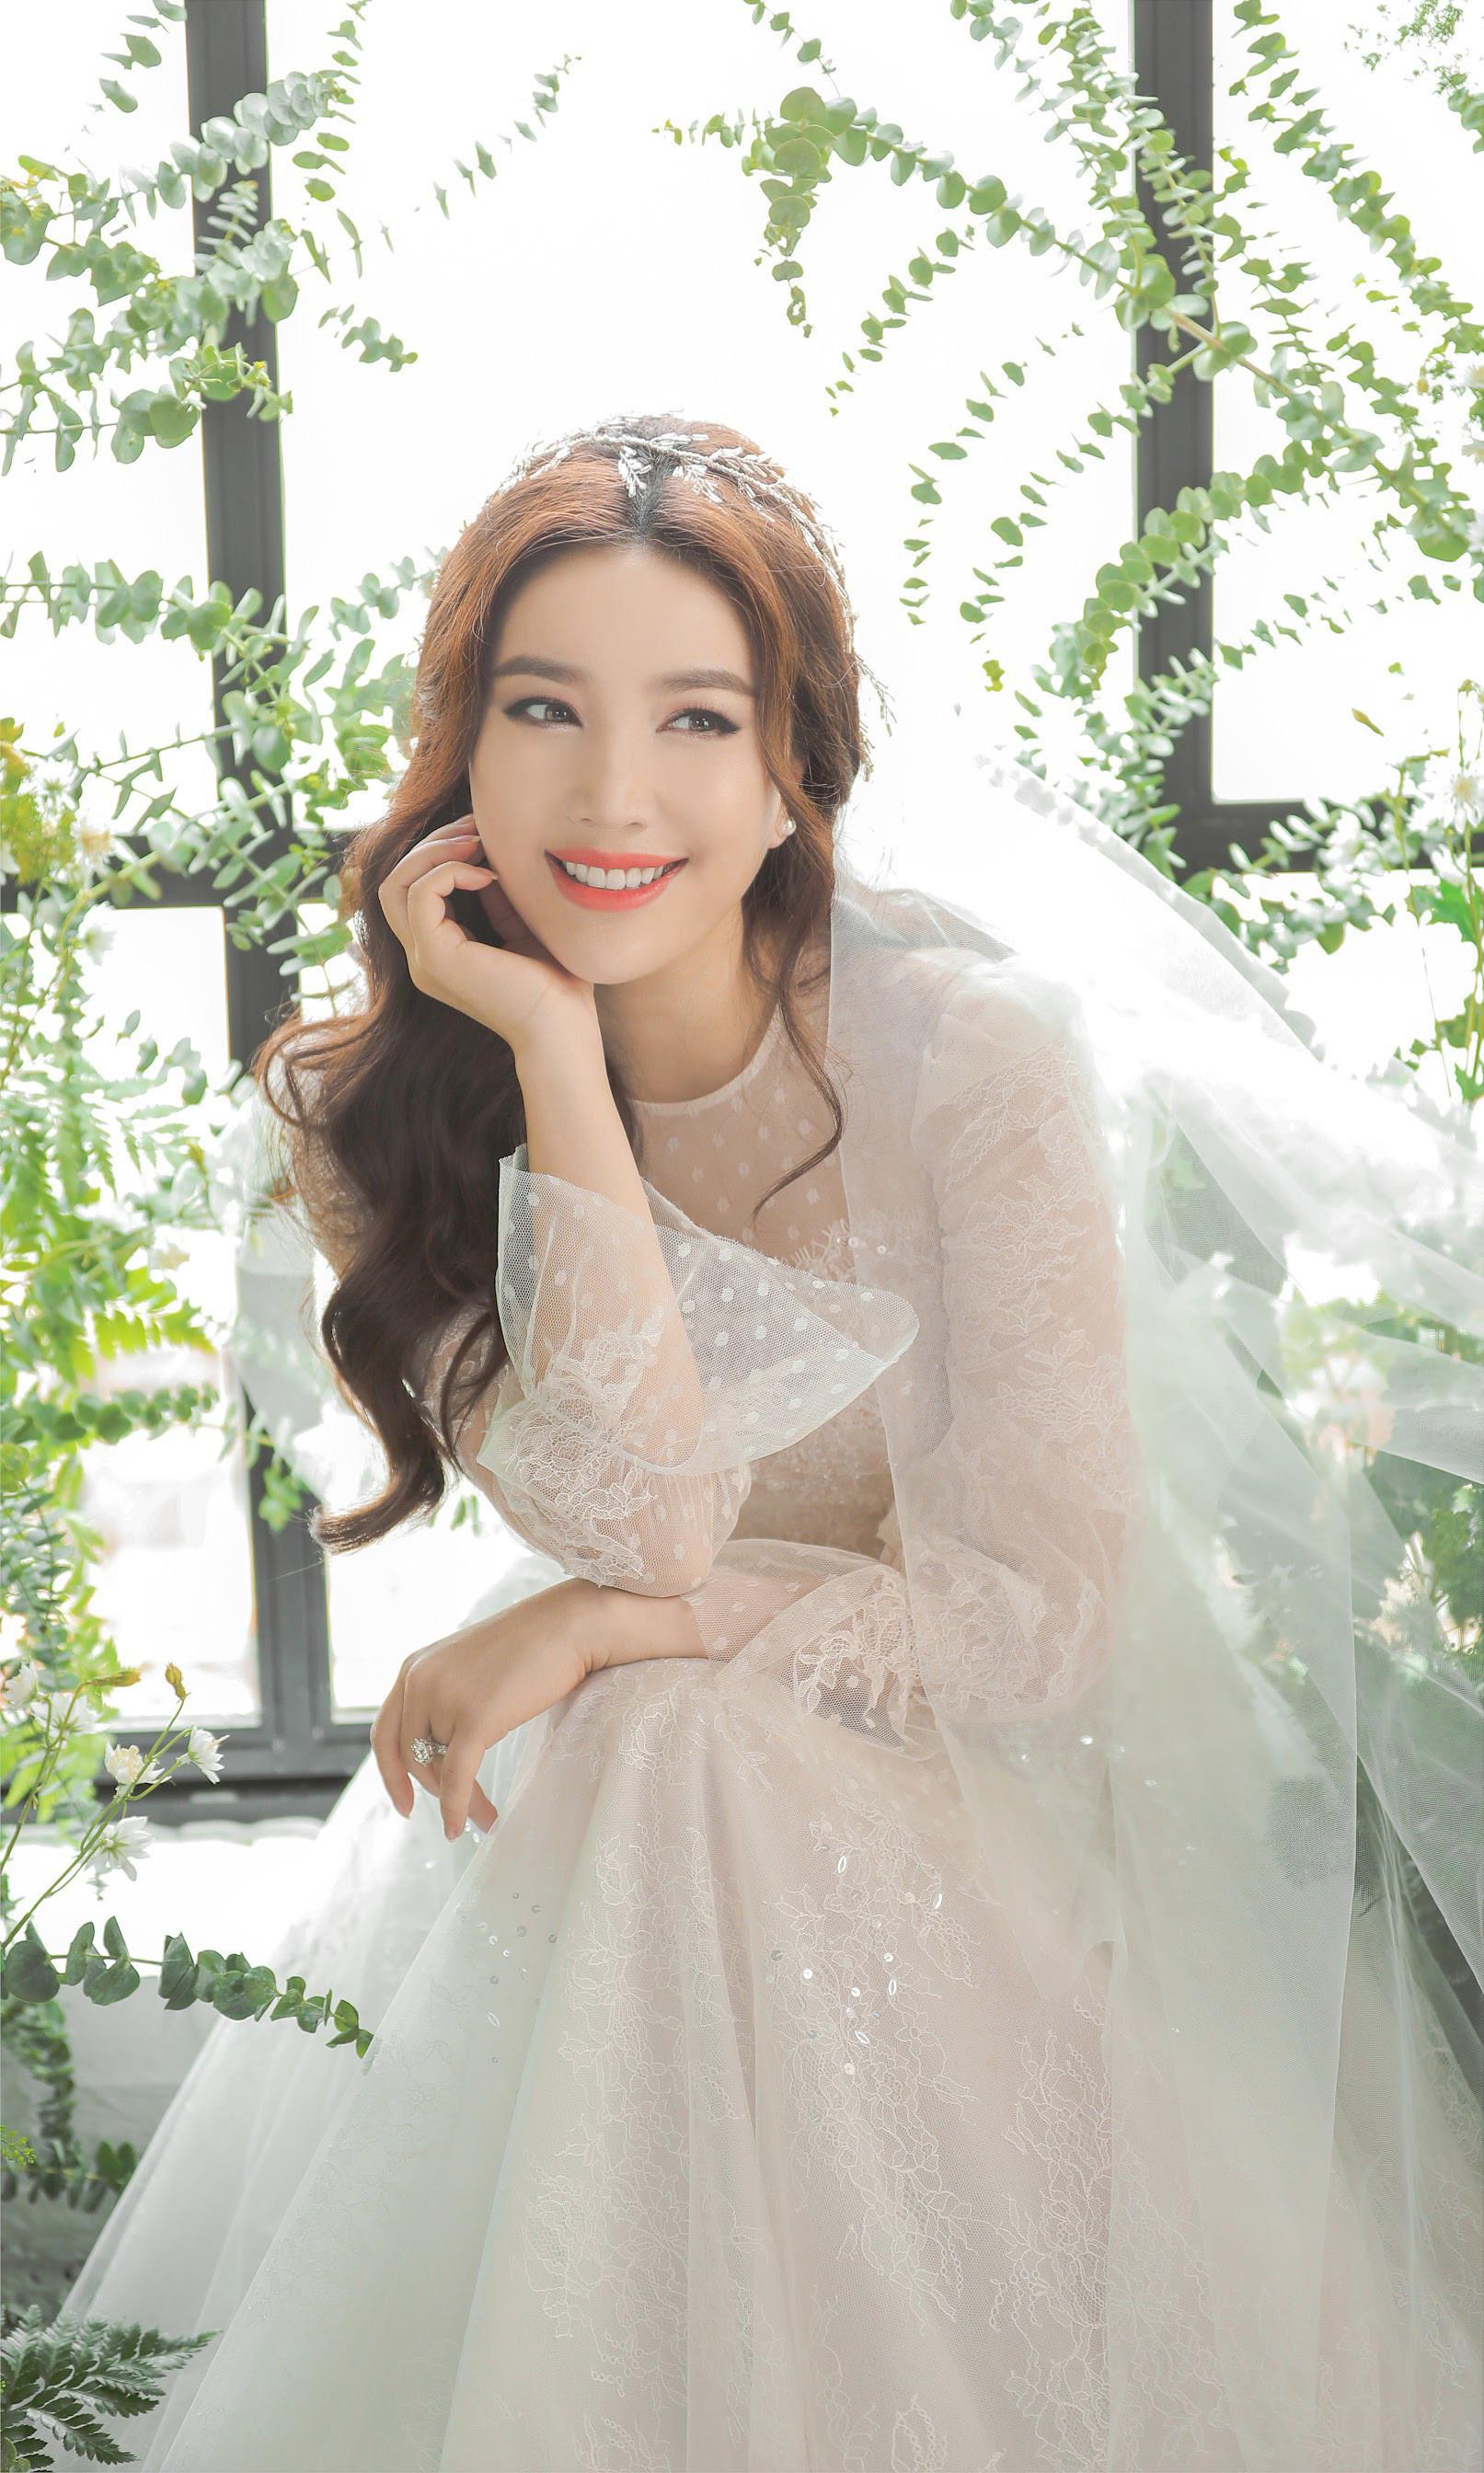 Chính thức lộ diện 5 nghệ sĩ khách mời tại đám cưới ca sĩ Bảo Thy: Không thể thiếu hoàng tử Quang Vinh